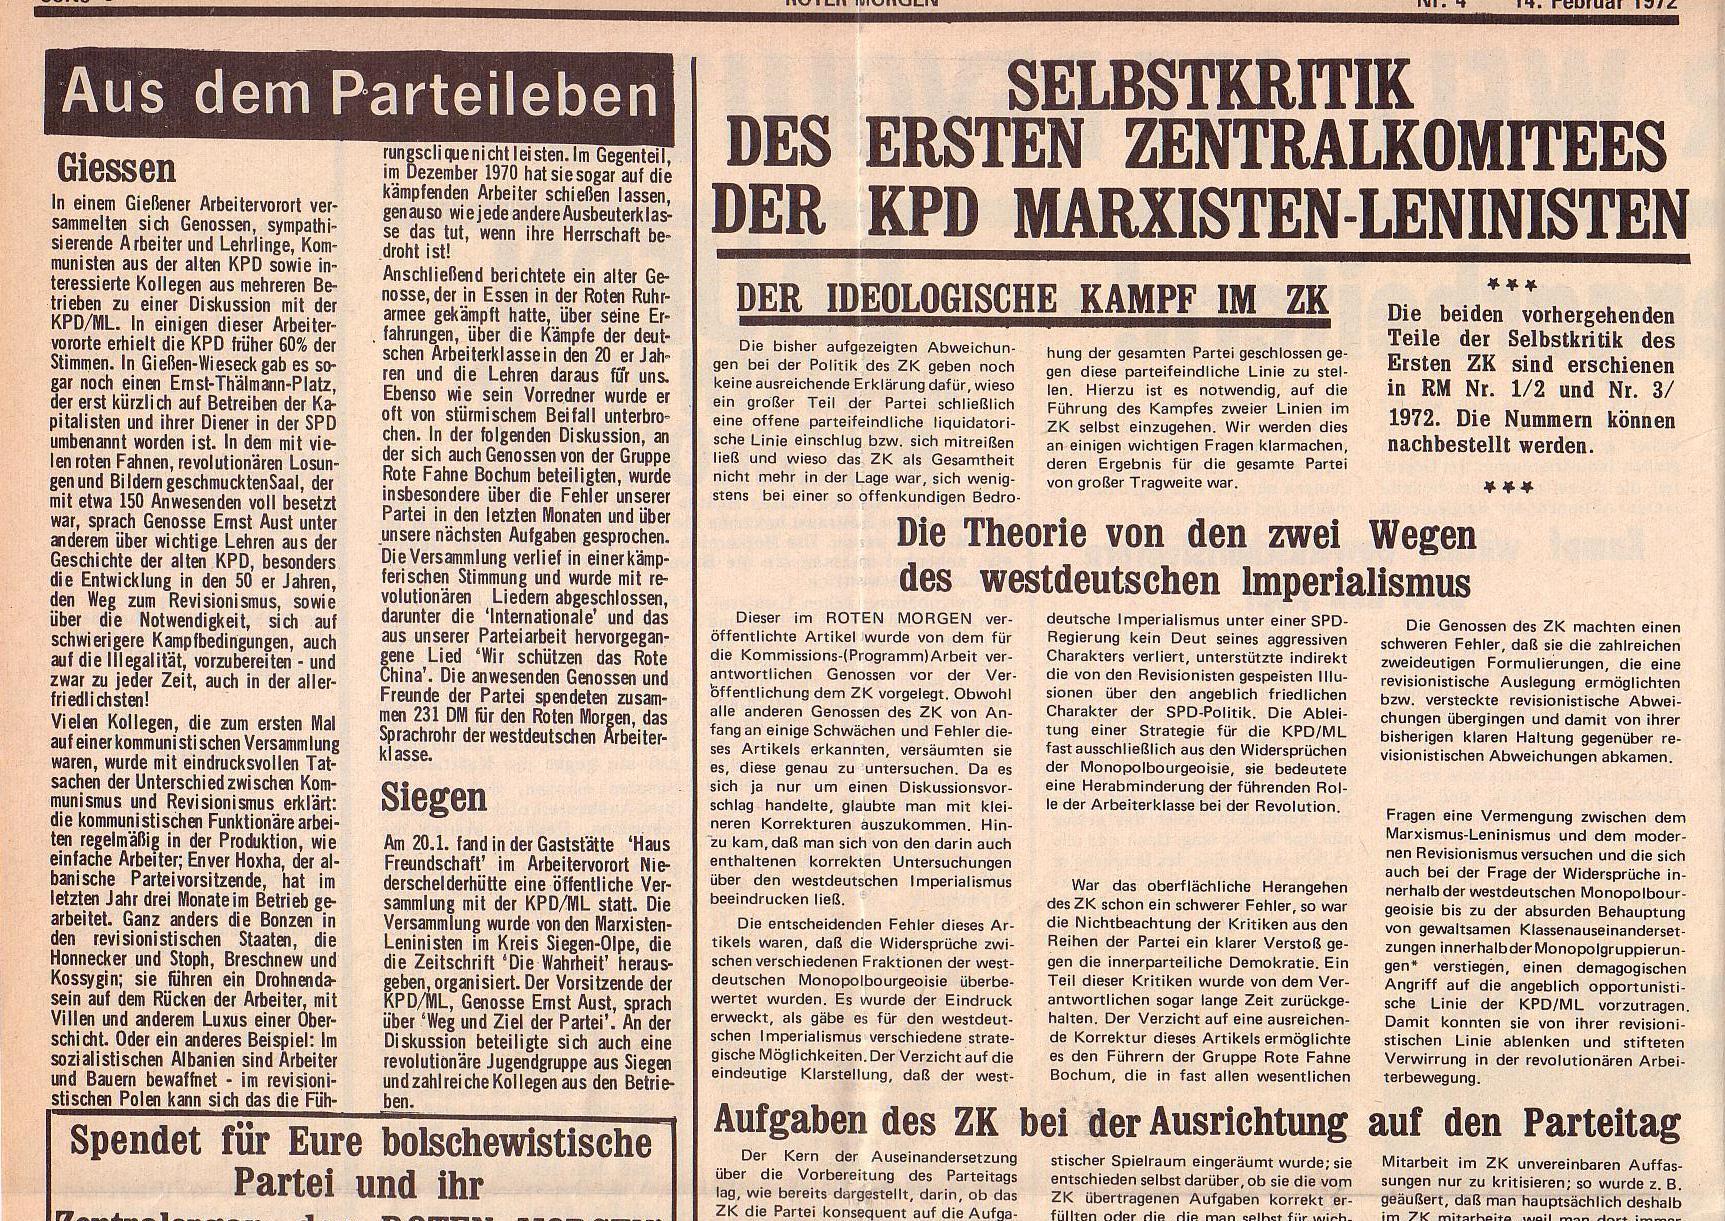 Roter Morgen, 6. Jg., 14. Februar 1972, Nr. 4, Seite 6a